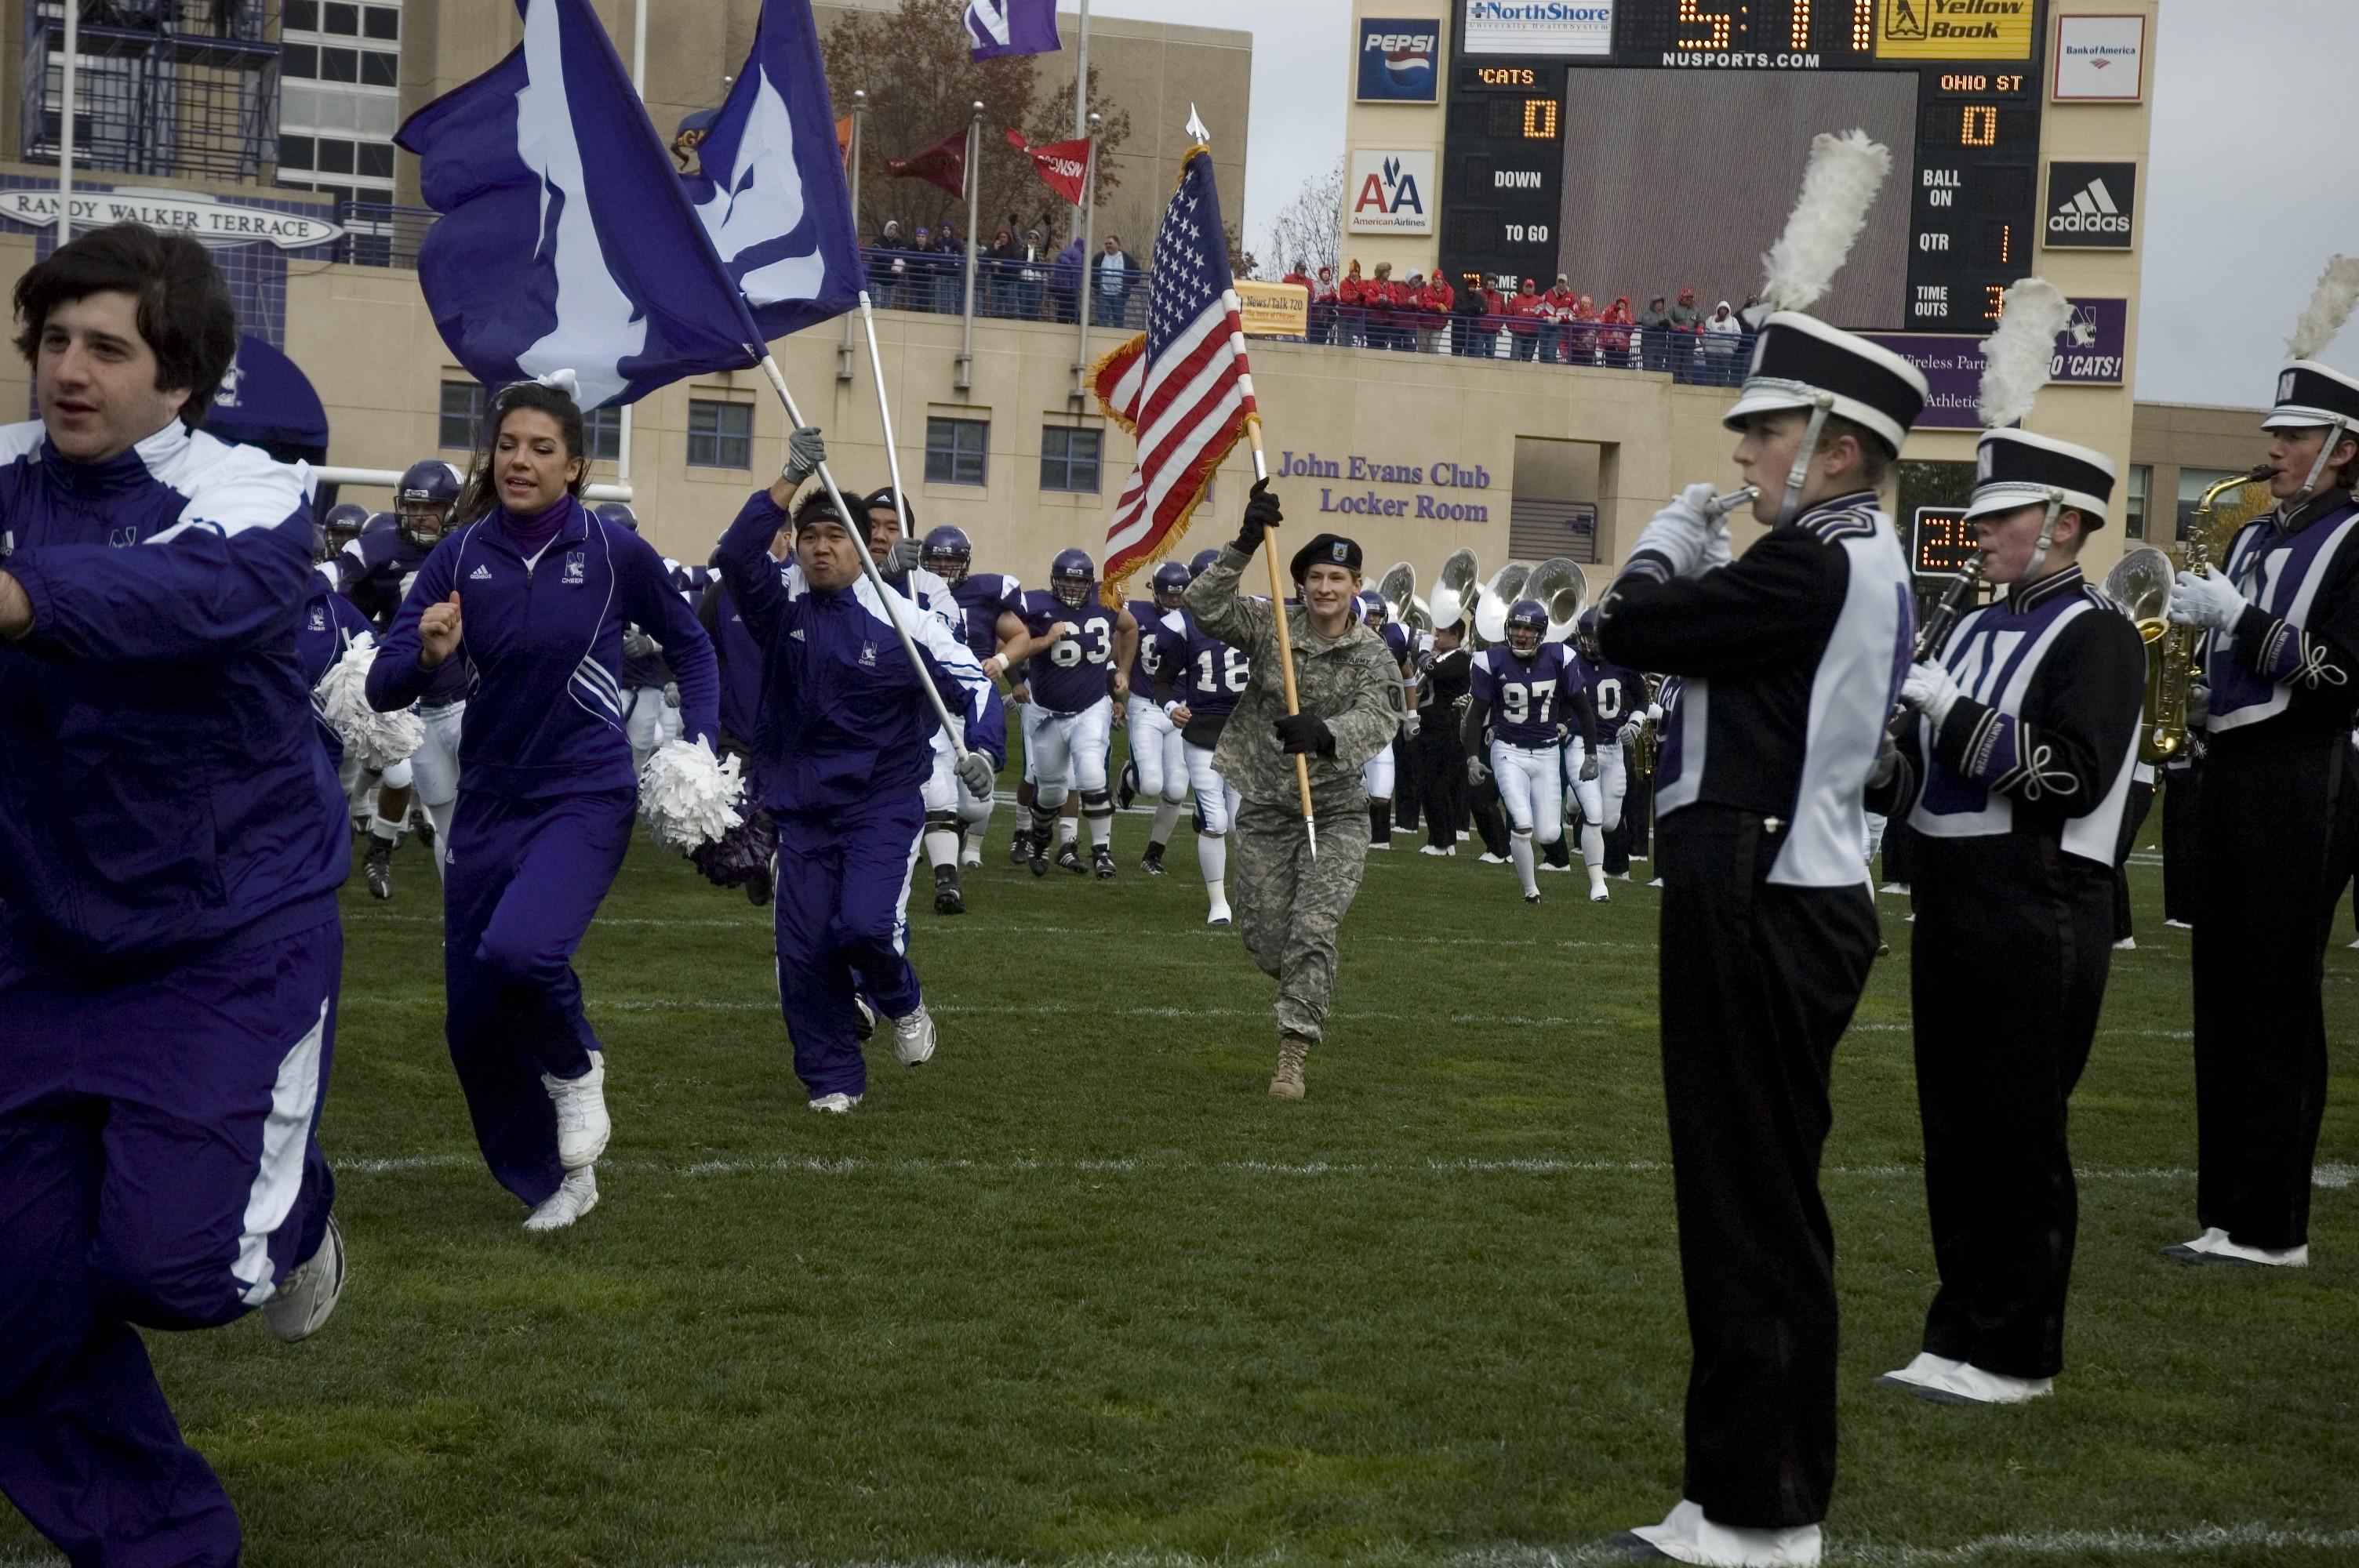 977391cc8494 Northwestern University Celebrates Veterans Day